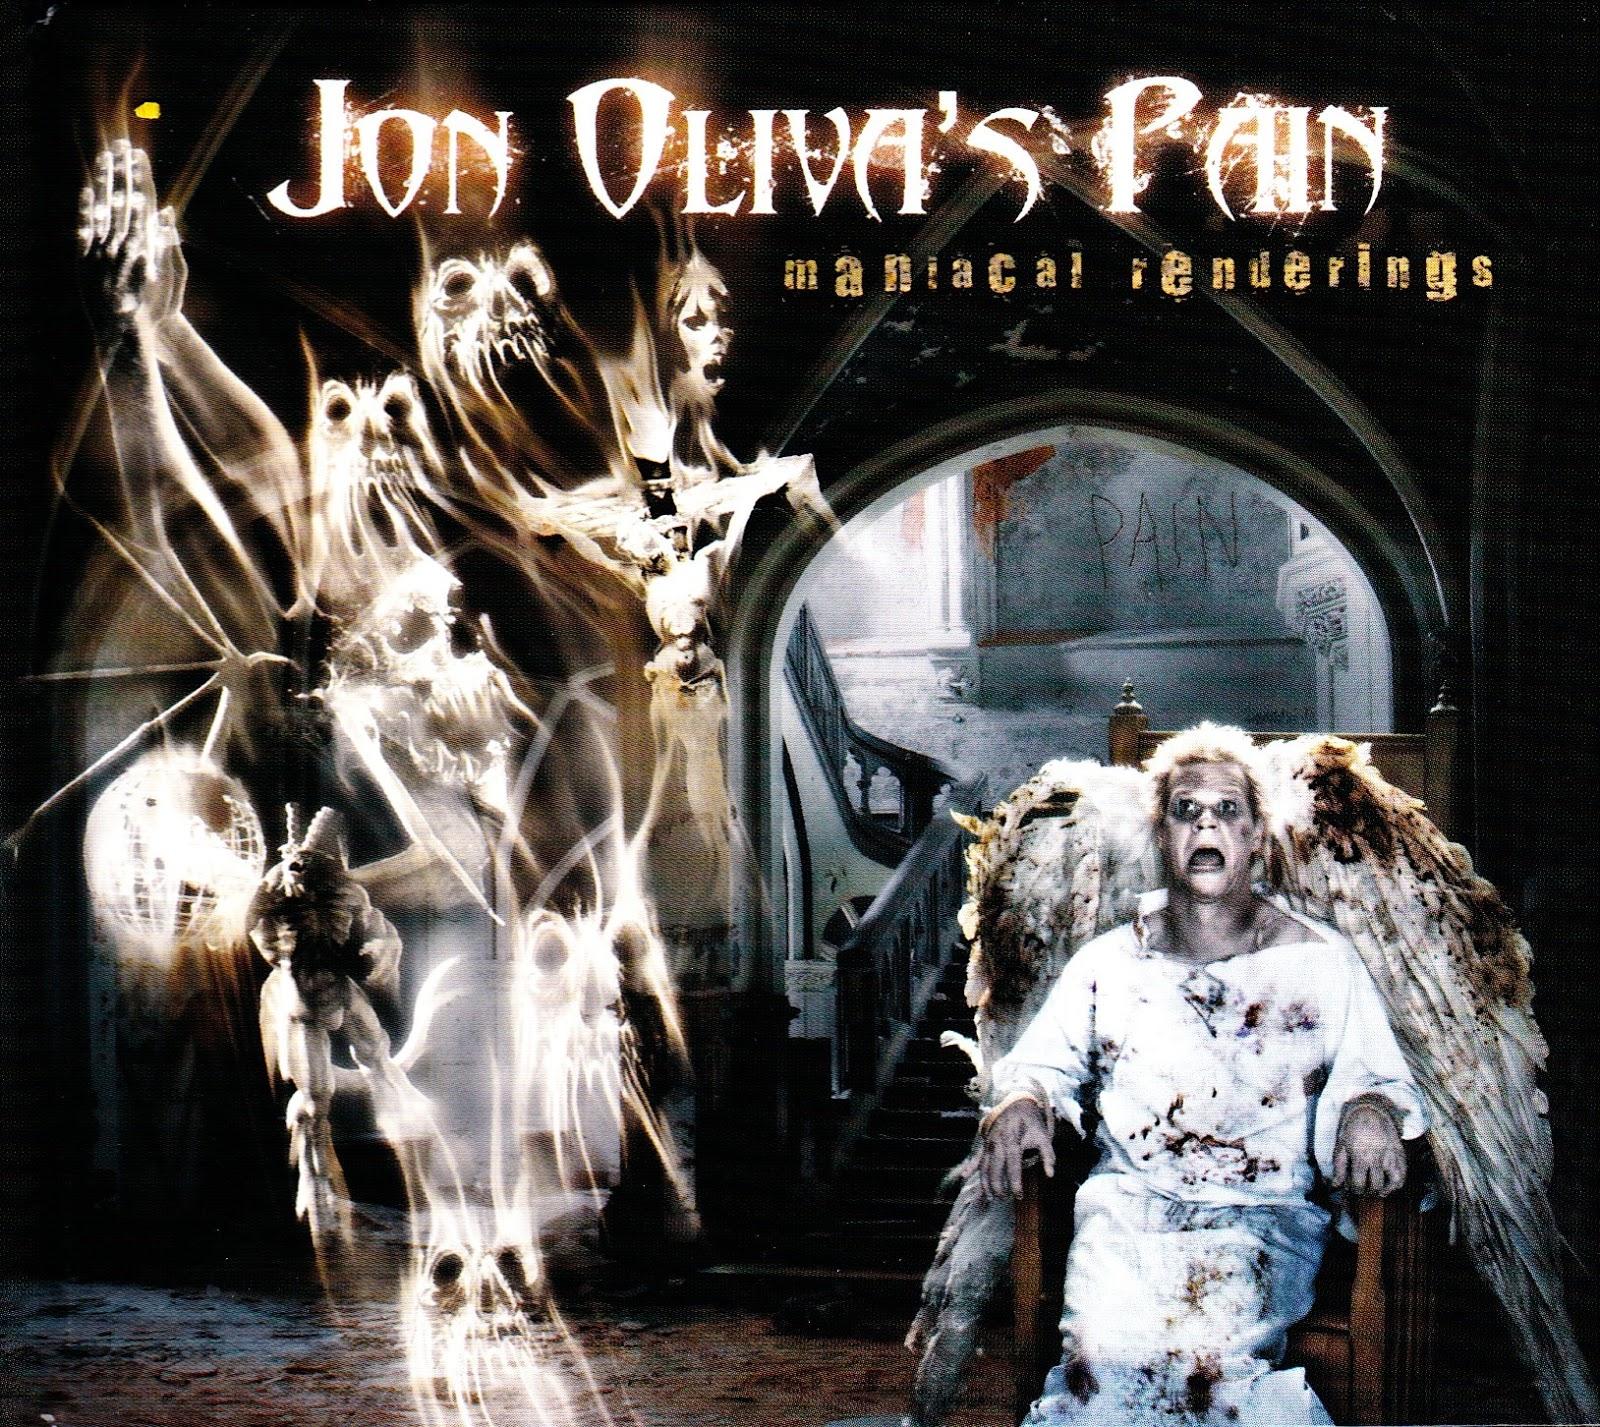 Jon Oliva's Pain — Maniacal Renderings (2006)